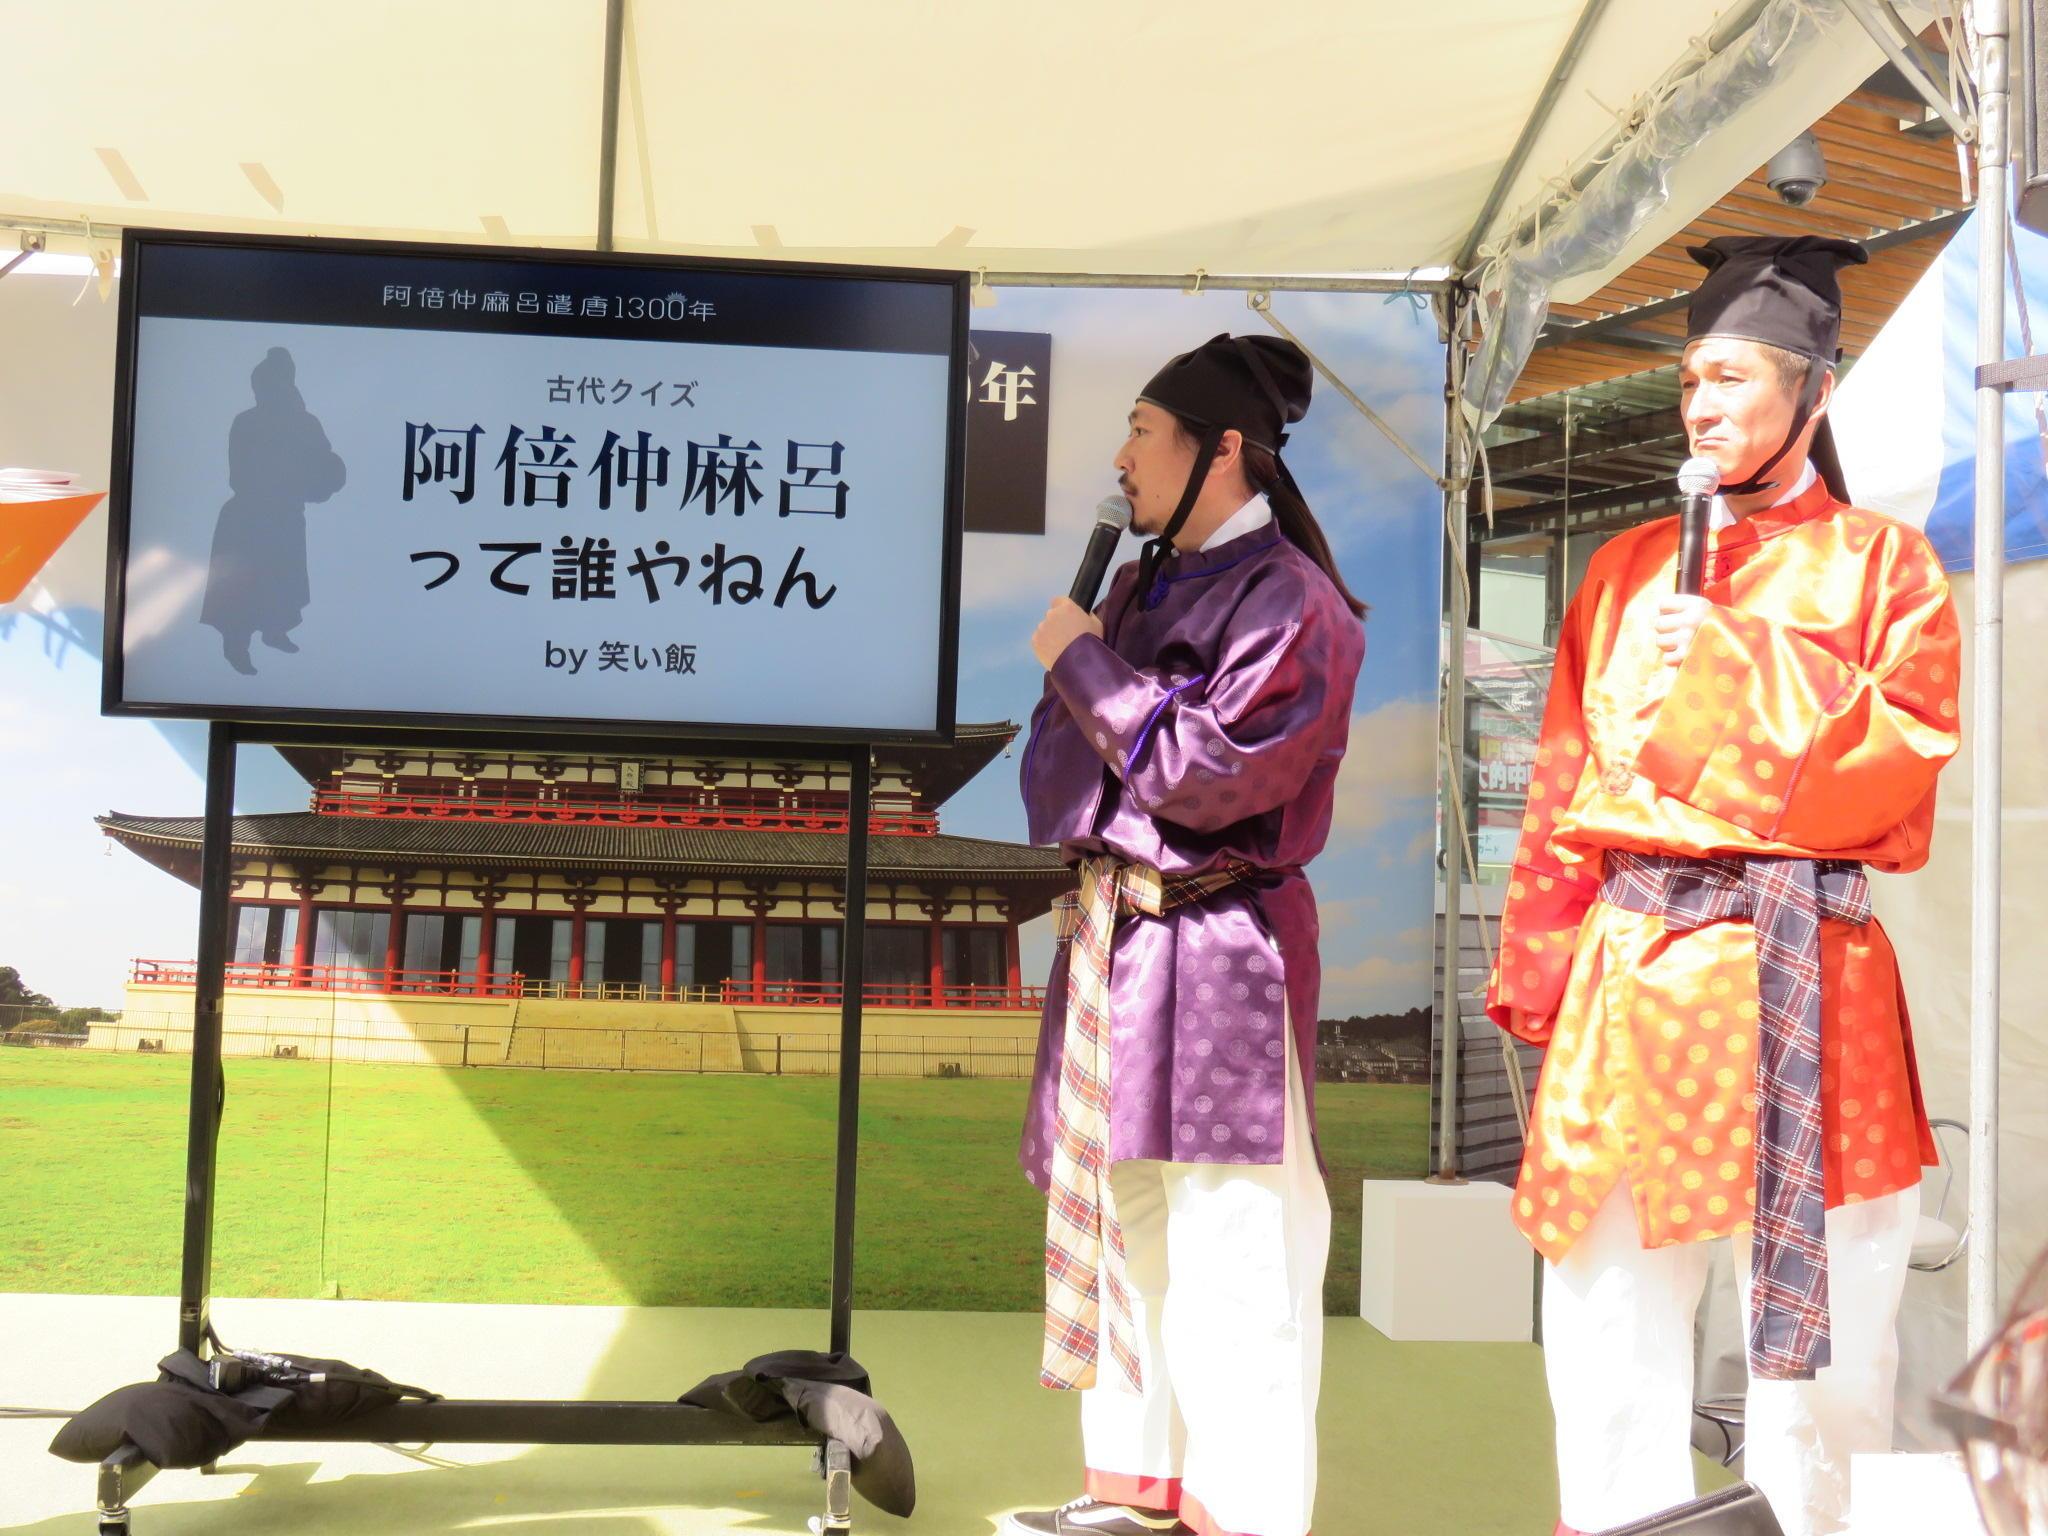 http://news.yoshimoto.co.jp/20170320220631-737cc604b6ffde515d31bcac02f15cddc884ae6a.jpg